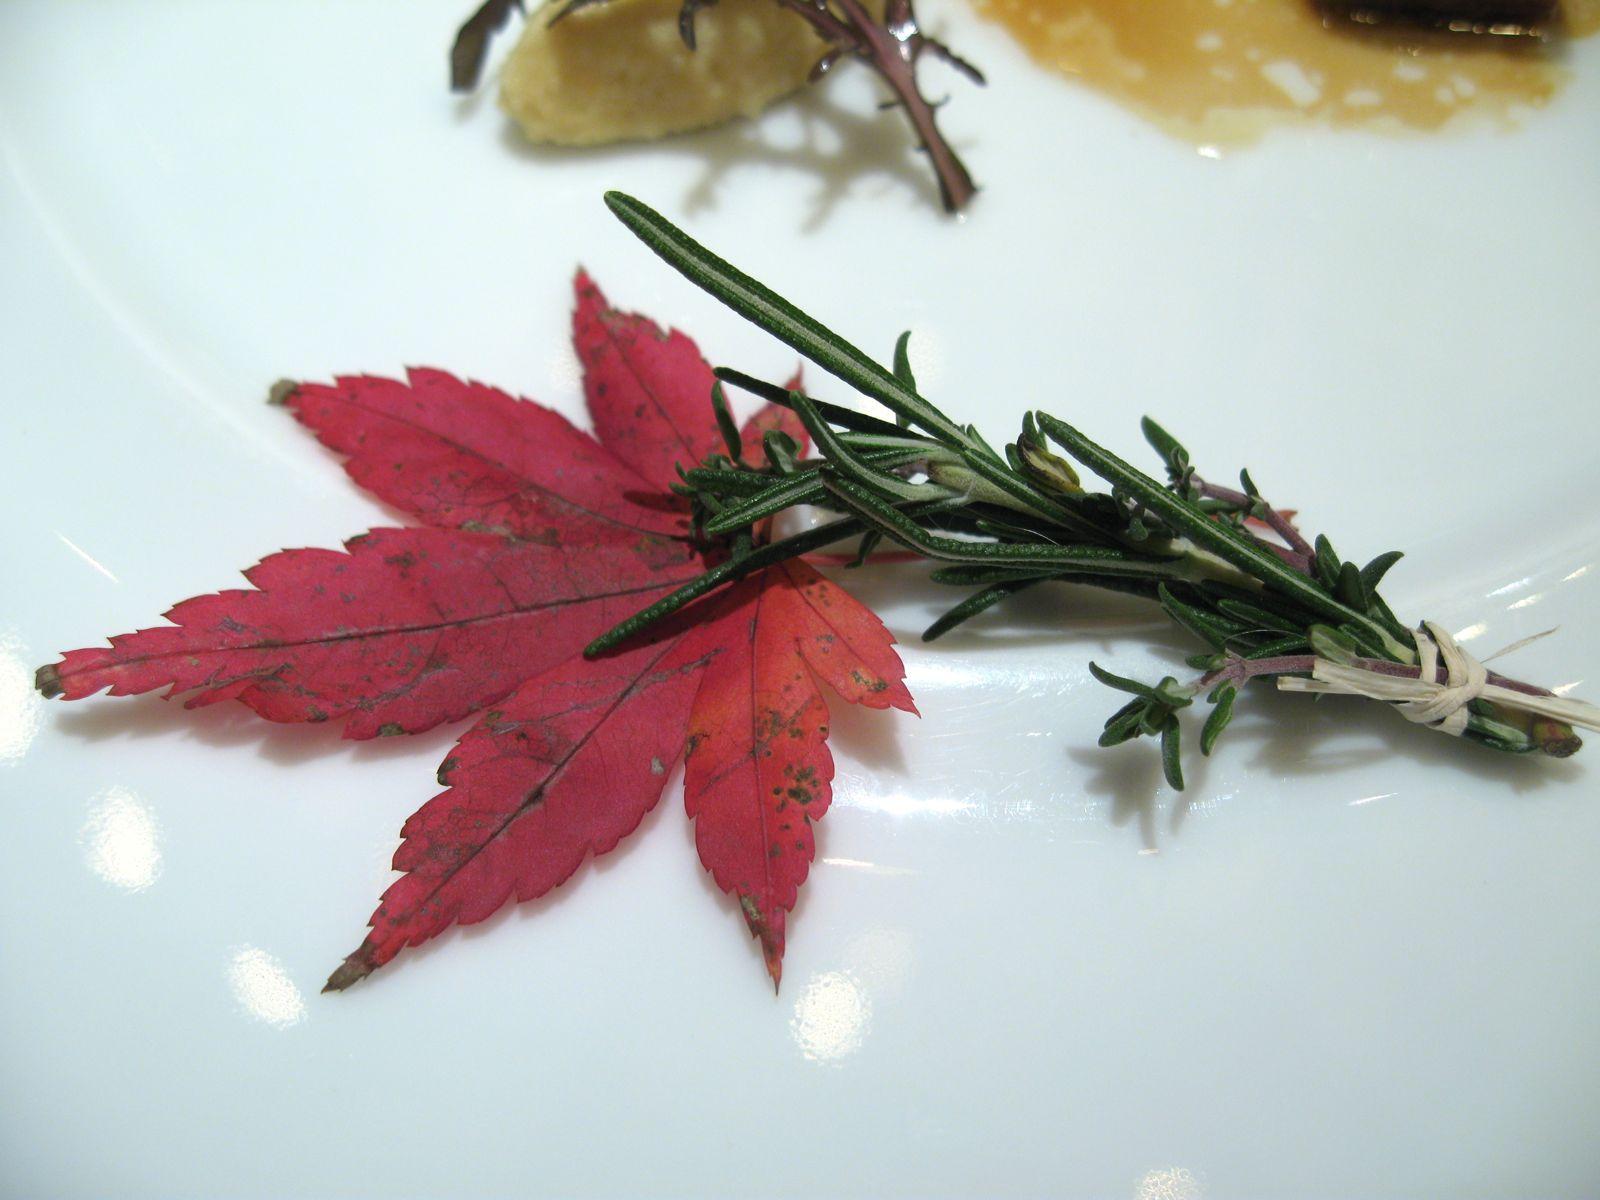 Le Boeuf grillé, cristalline au poivre, matsutaké en tempura et raifort à la moutarde feuille